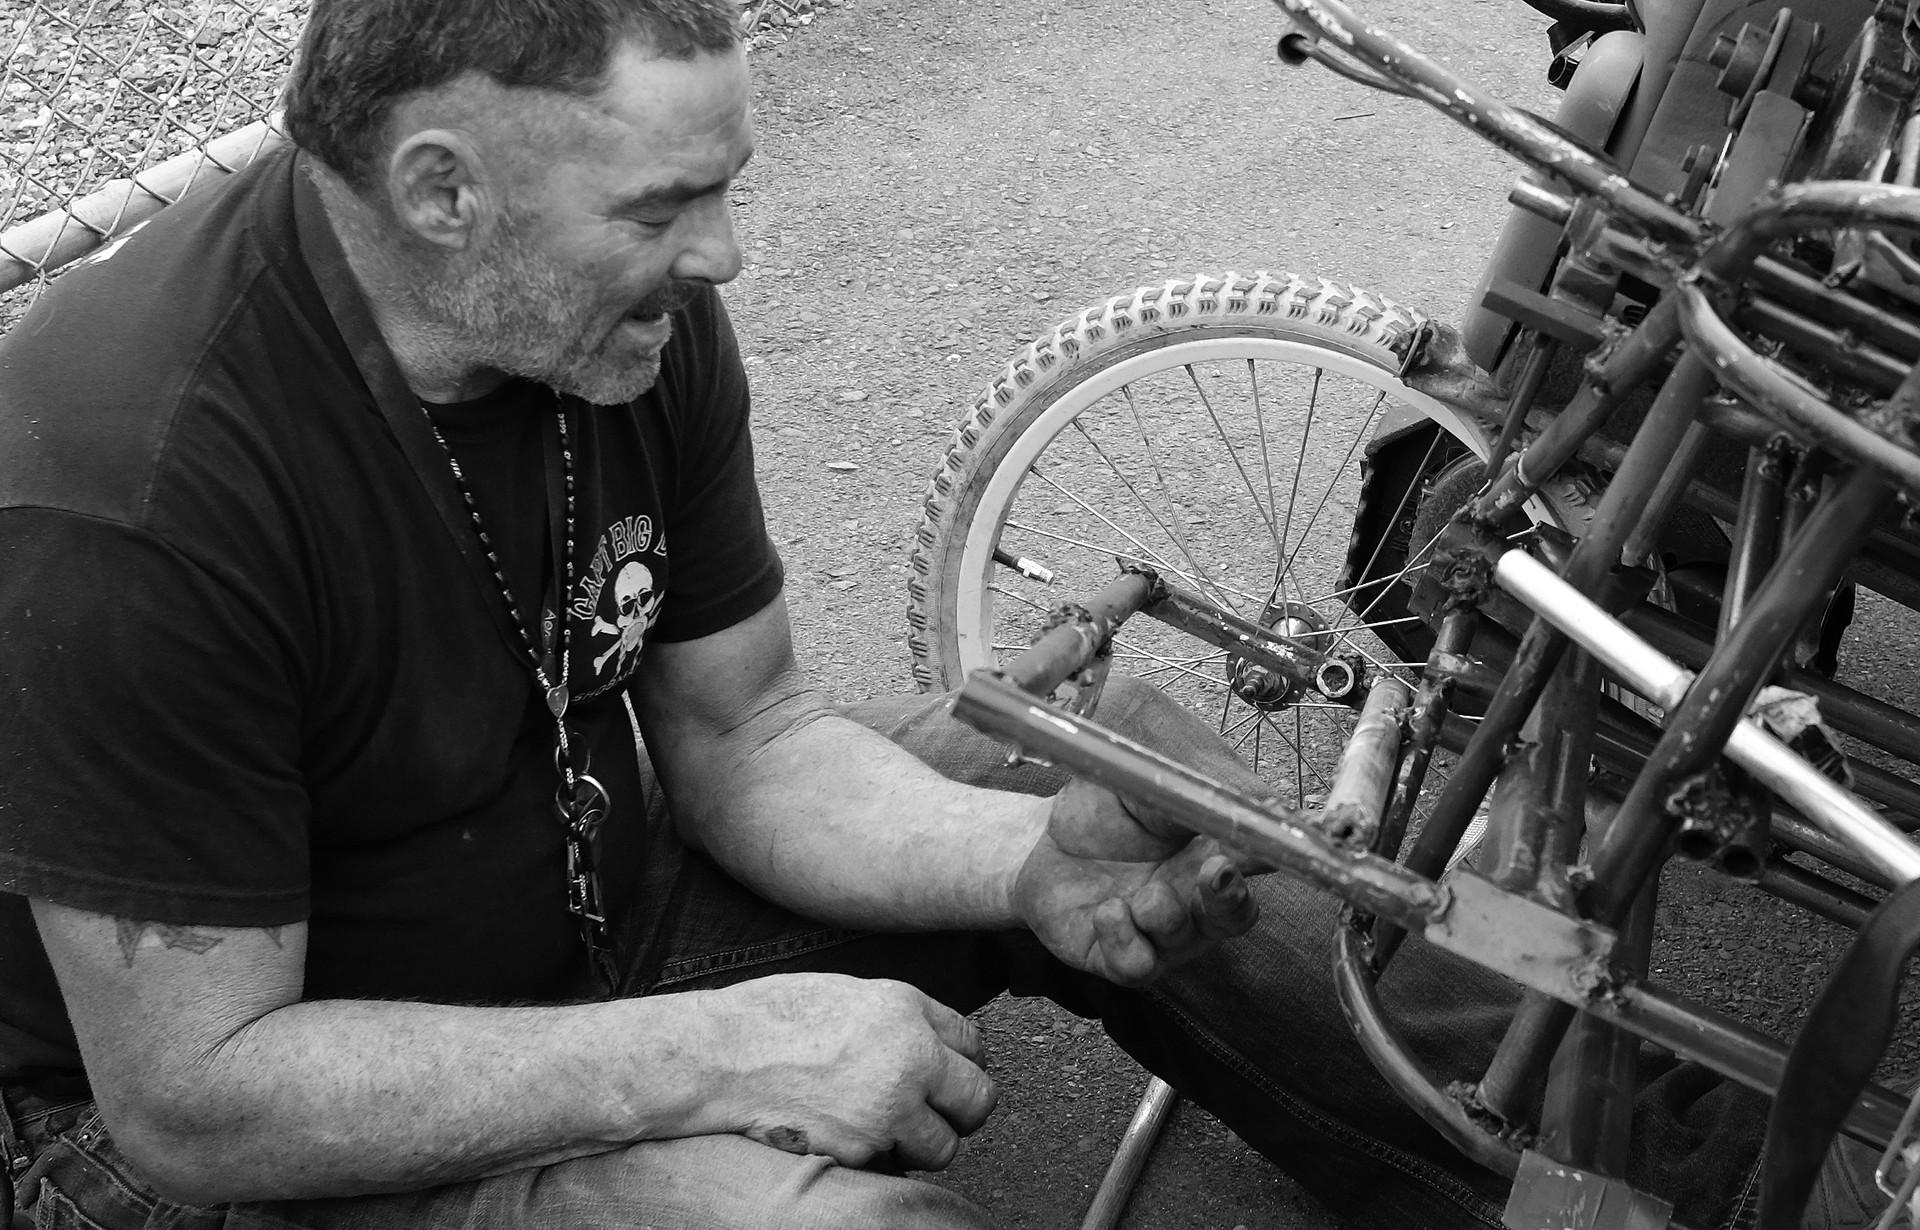 22_Guy Working on Bike.jpg